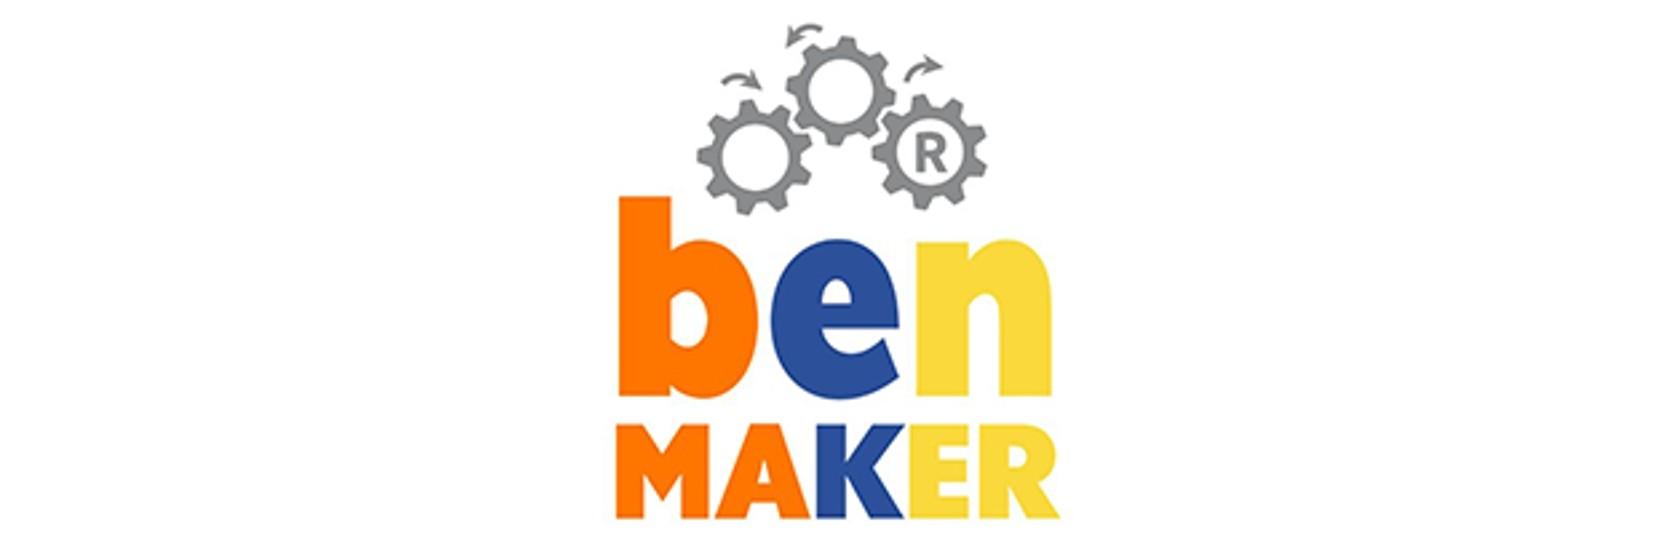 Ben Maker